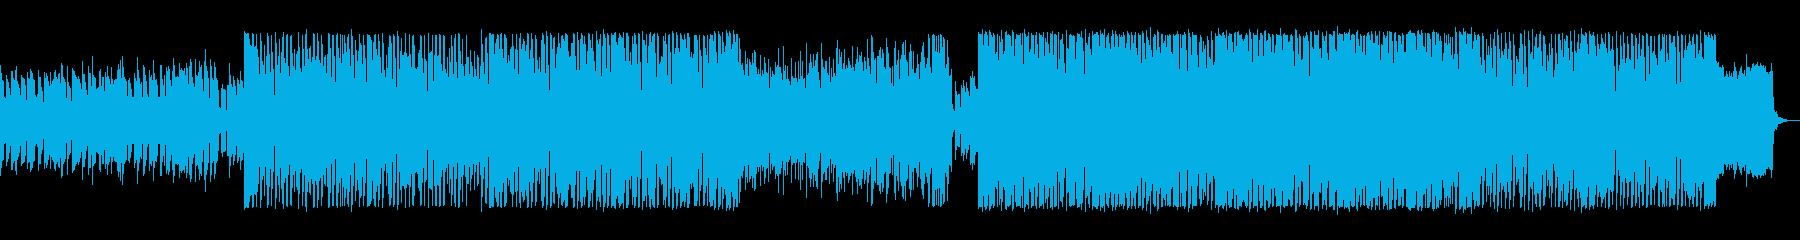 キラキラ、ポップなエレクトロニカの再生済みの波形